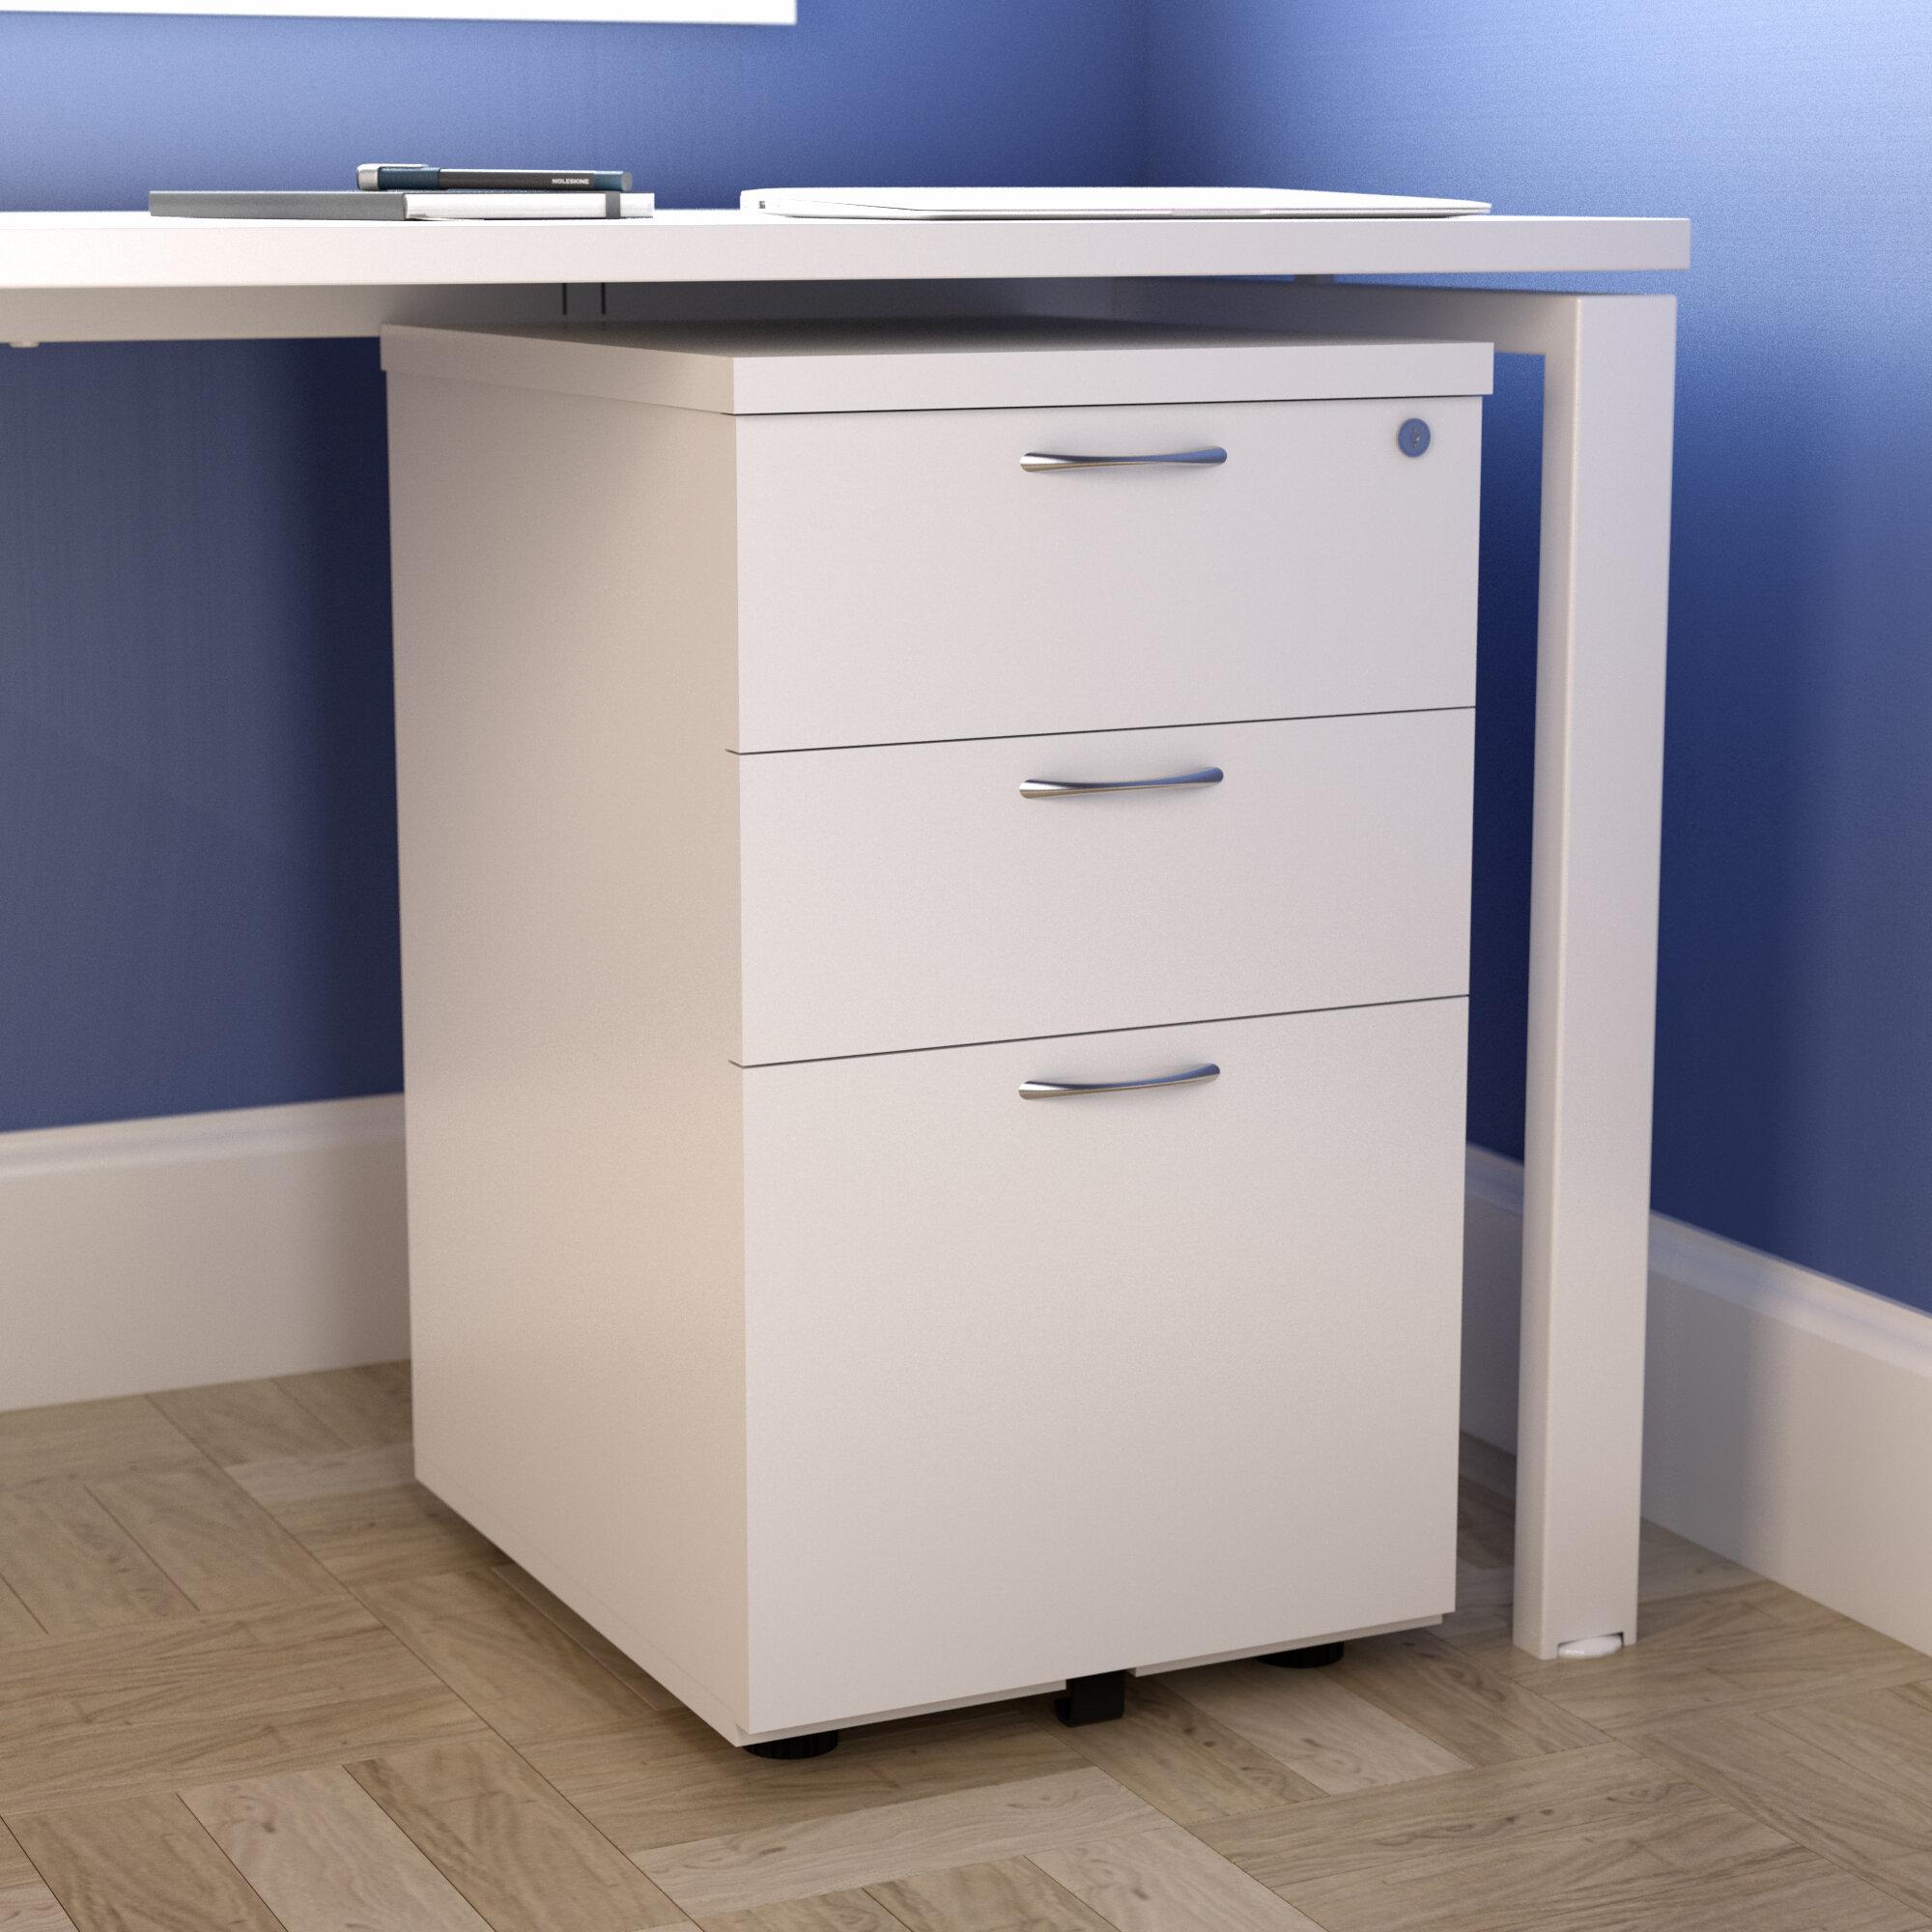 Brilliant Under Desk 3 Drawer Filing Cabinet Download Free Architecture Designs Embacsunscenecom